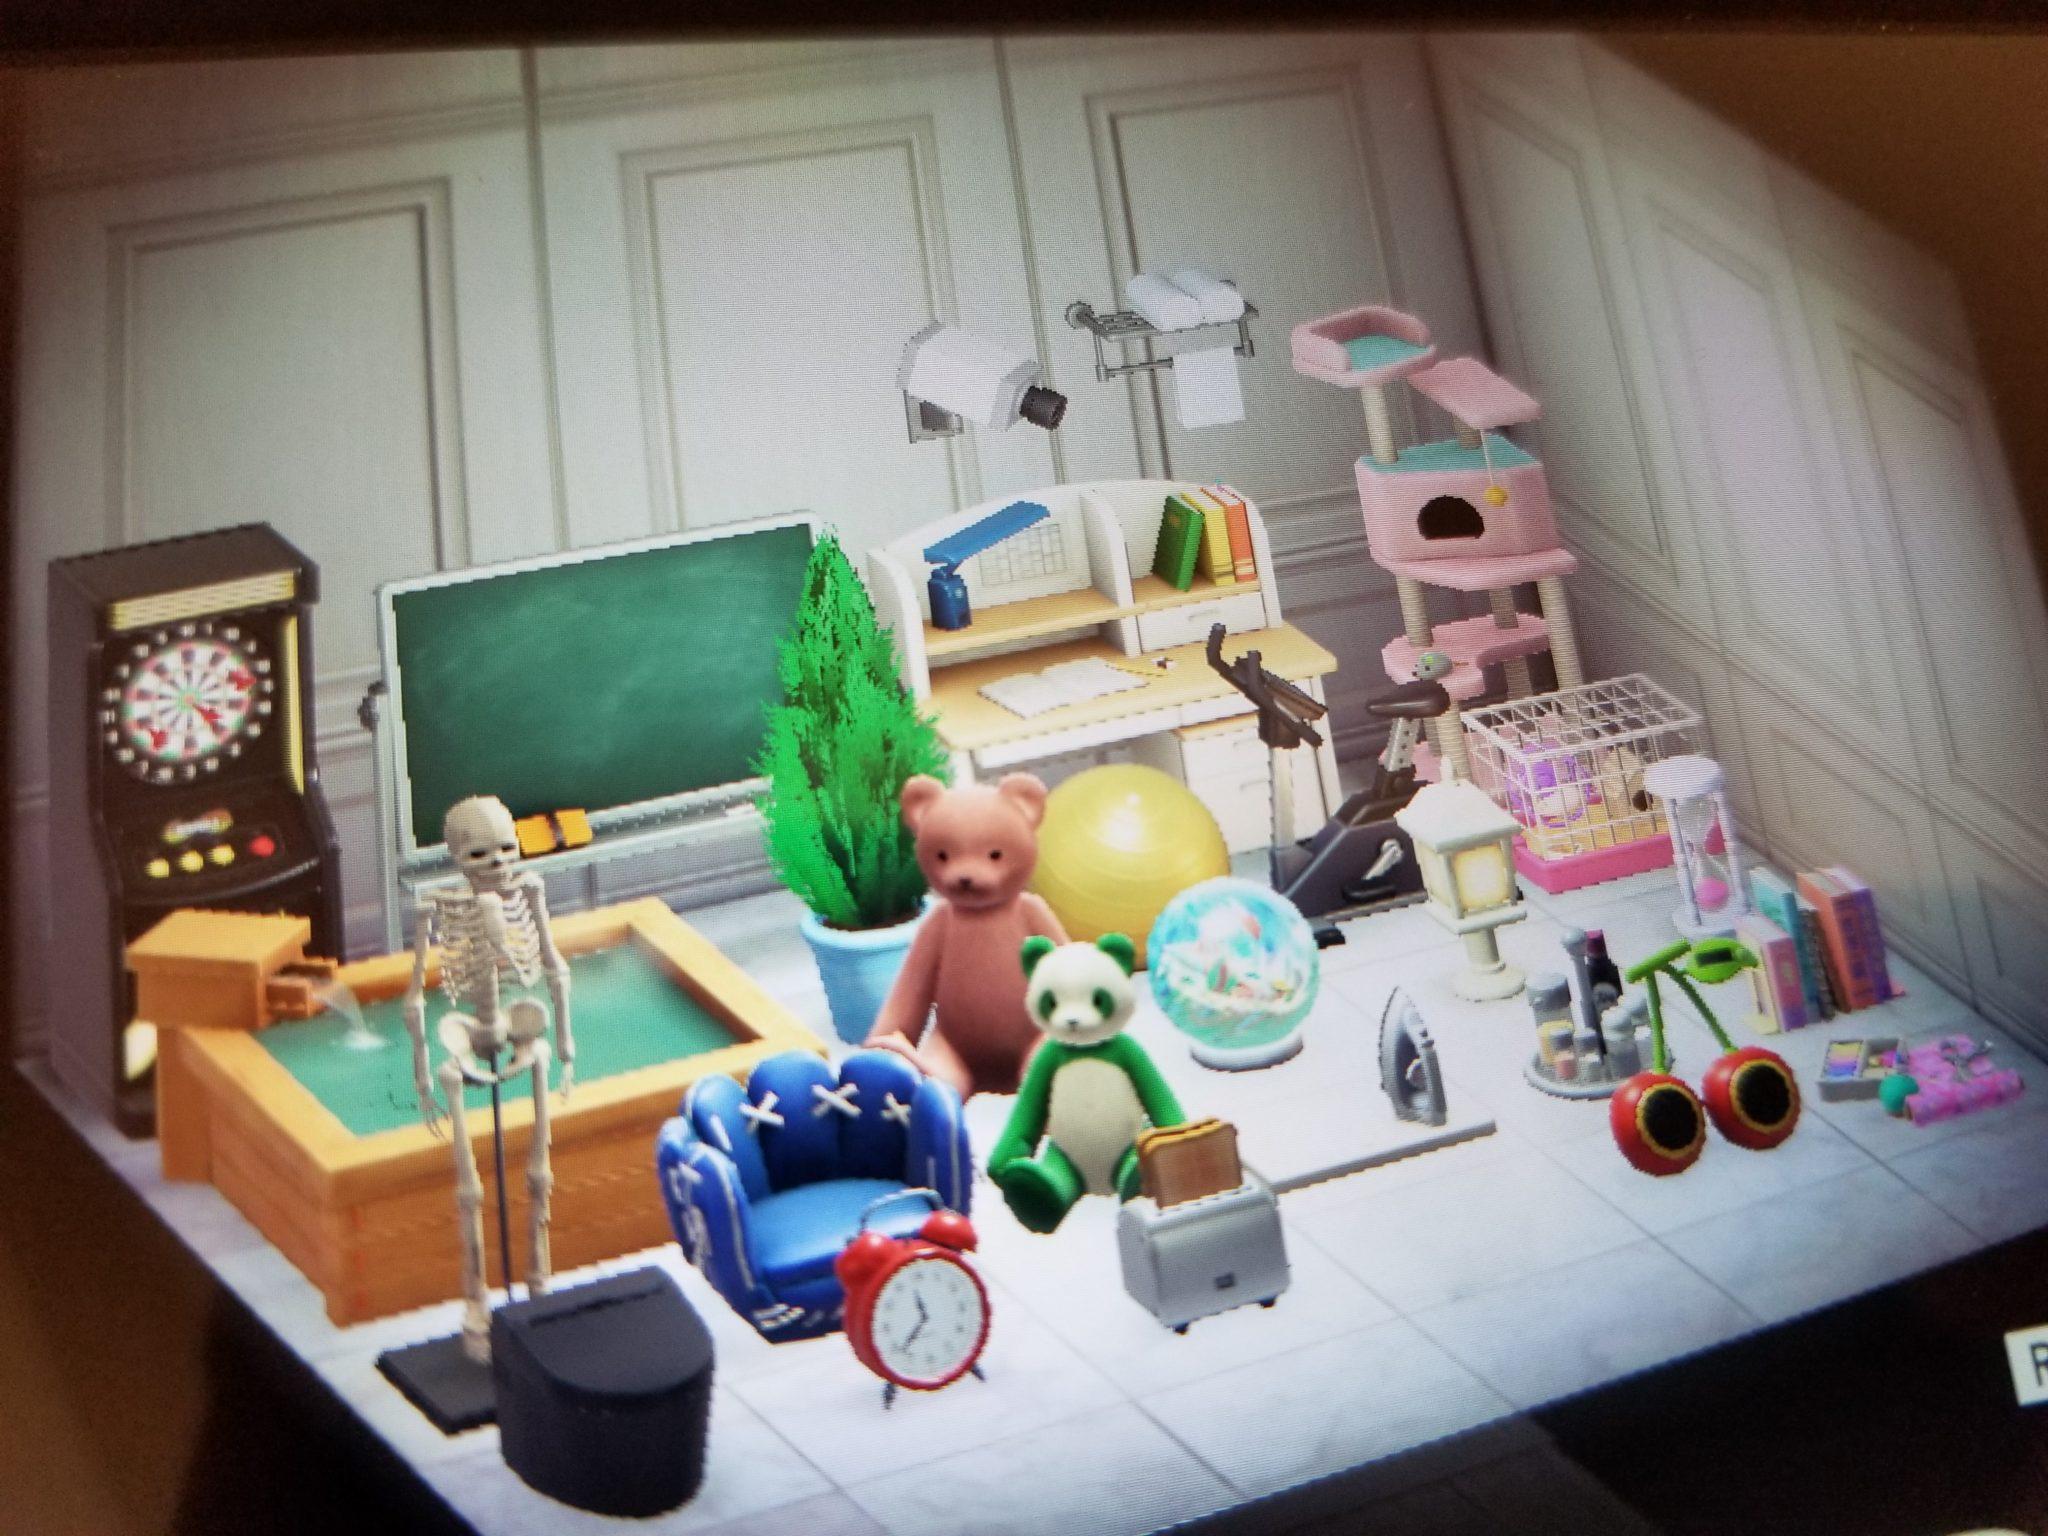 あつ森ジョニー い なくなっ た 【あつ森】ジョニー家具一覧とカラバリ(色)【あつまれどうぶつの森】...